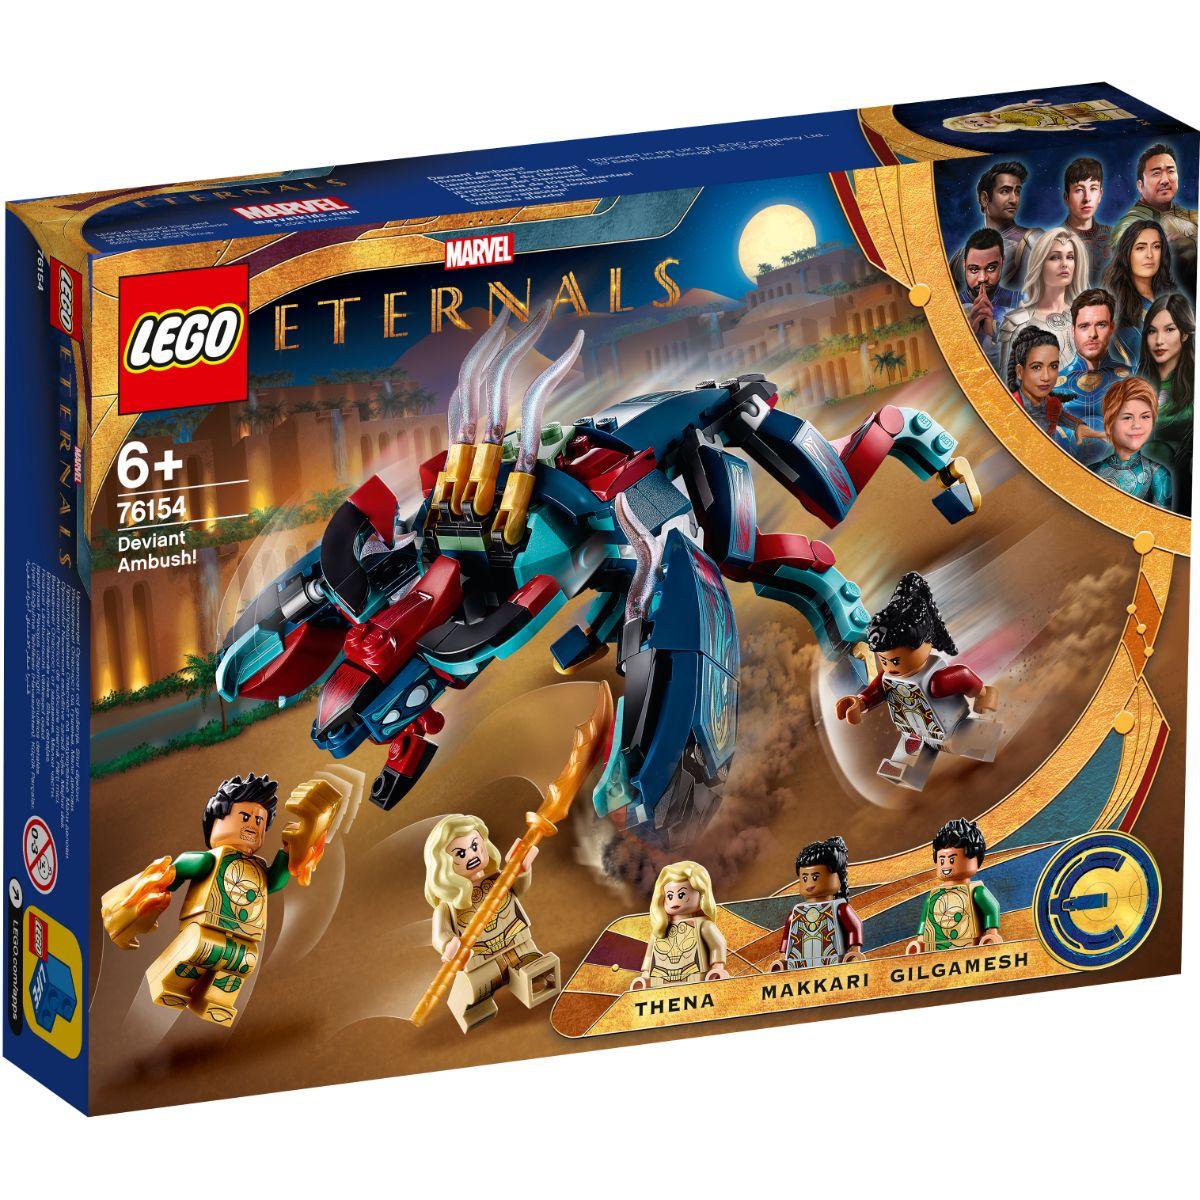 LEGO® Super Heroes - Eternals (76154)